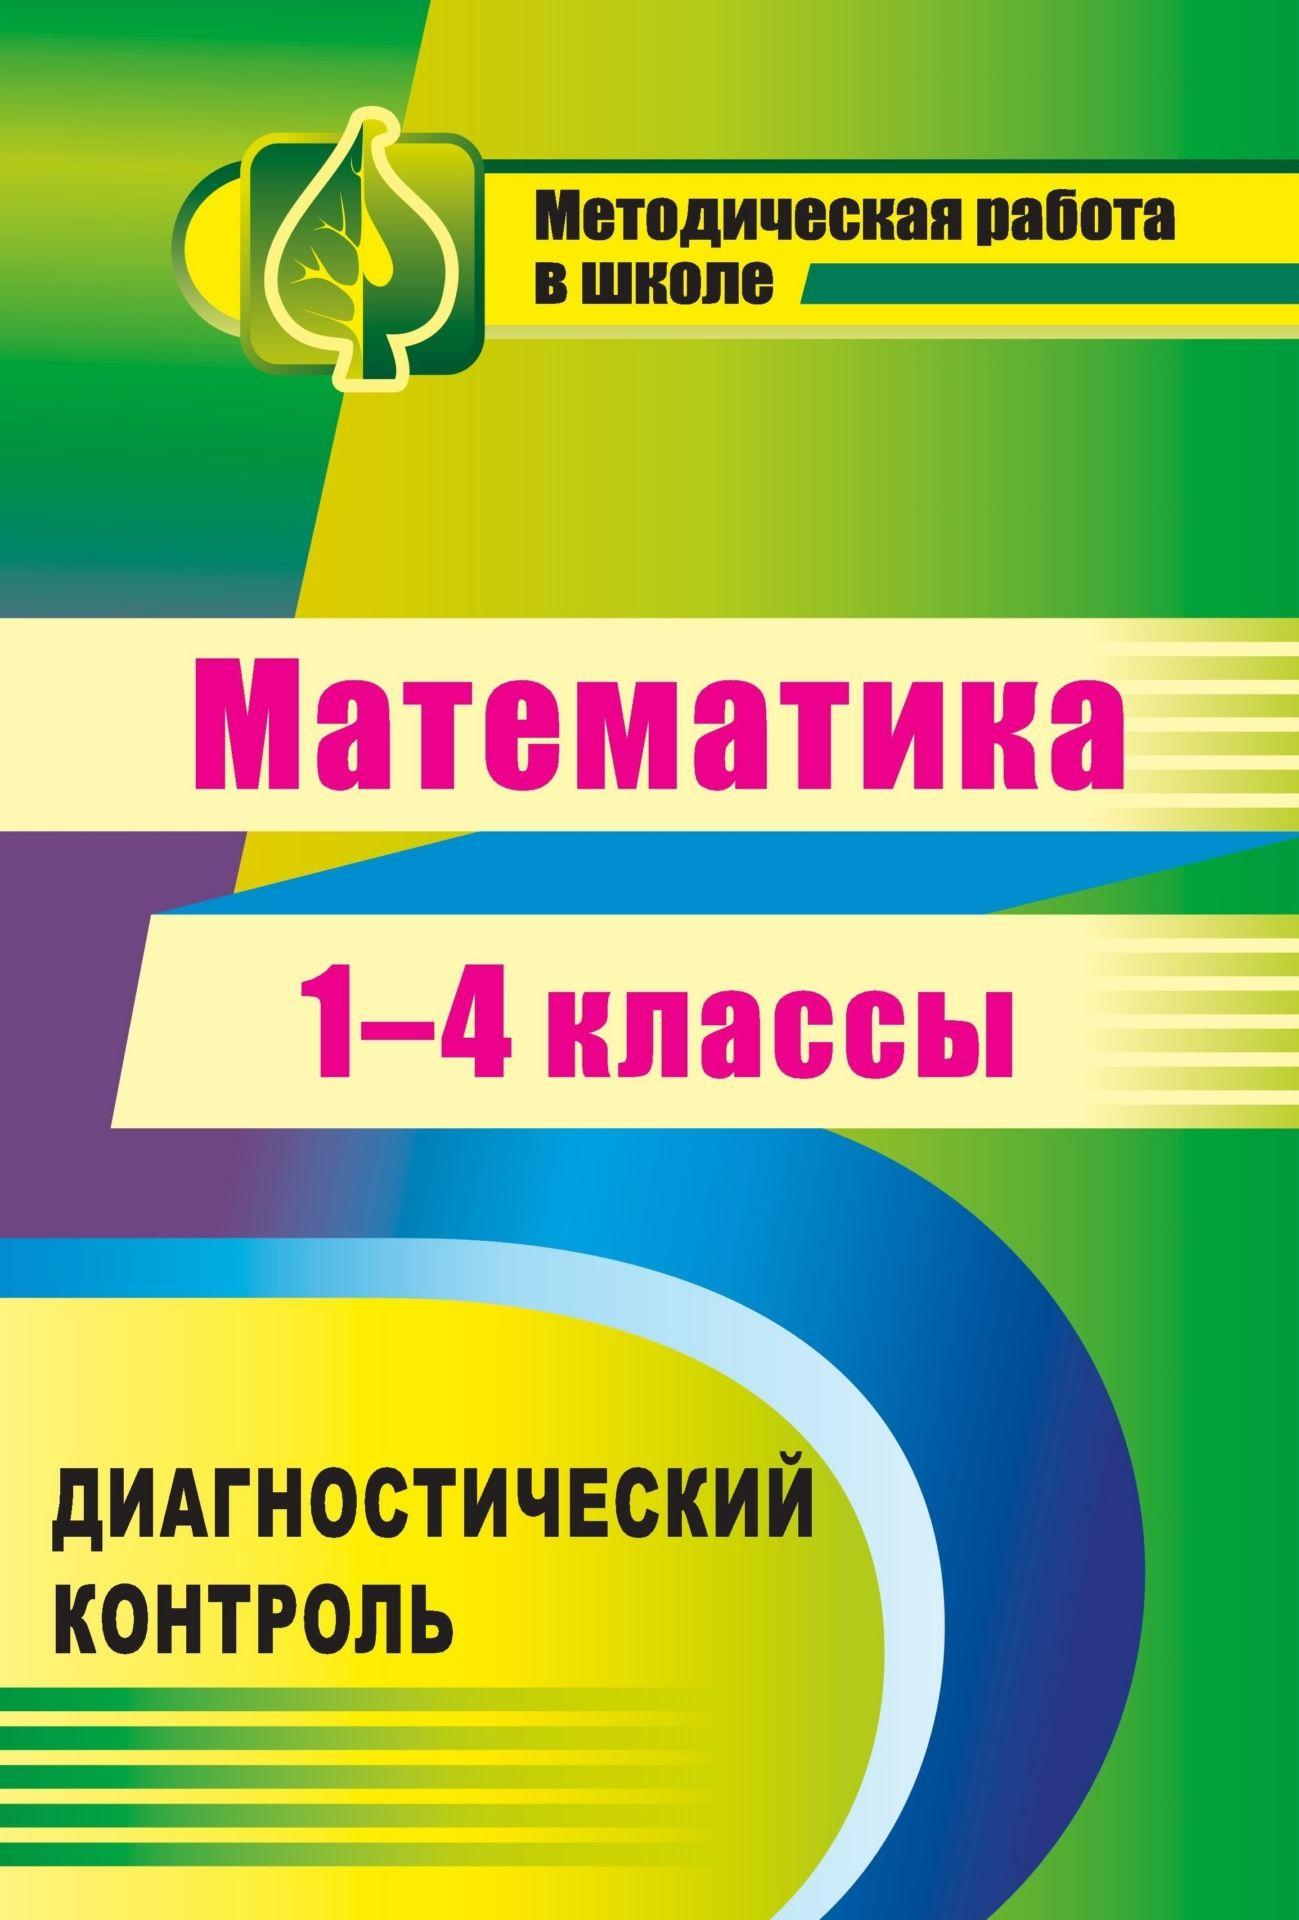 Математика. 1-4 классы: диагностический контрольПредметы<br>В пособии представлены контрольно-измерительные материалы для проведения диагностического контроля по математике с 1 по 4 классы в виде тестов, которые составлены в соответствии с образовательными стандартами и охватывают учебный материал курса математики...<br><br>Авторы: др., Канчурина Р. Г.<br>Год: 2011<br>Серия: Методическая работа в школе<br>ISBN: 978-5-7057-2463-5<br>Высота: 280<br>Ширина: 201<br>Толщина: 4<br>Переплёт: мягкая, скрепка